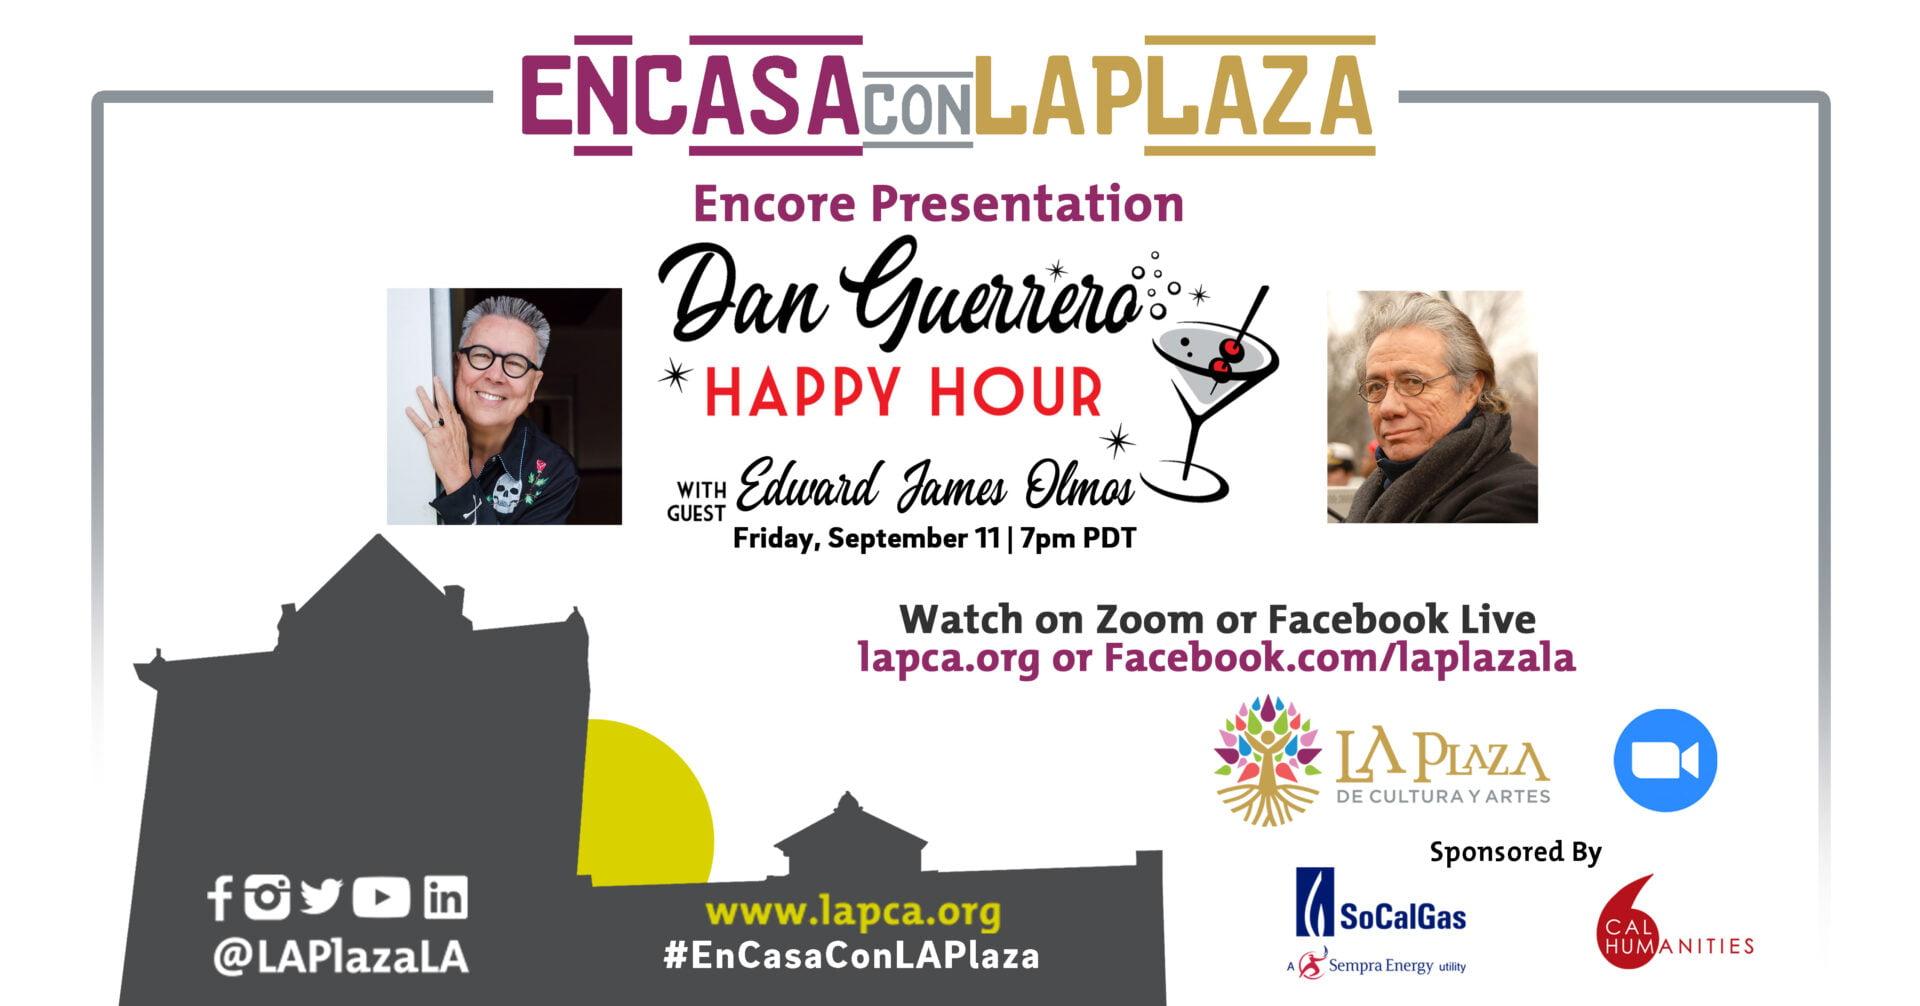 Encore Presentation Dan Guerrero Happy Hour With Guest Edward James Olmos La Plaza De Cultura Y Artes